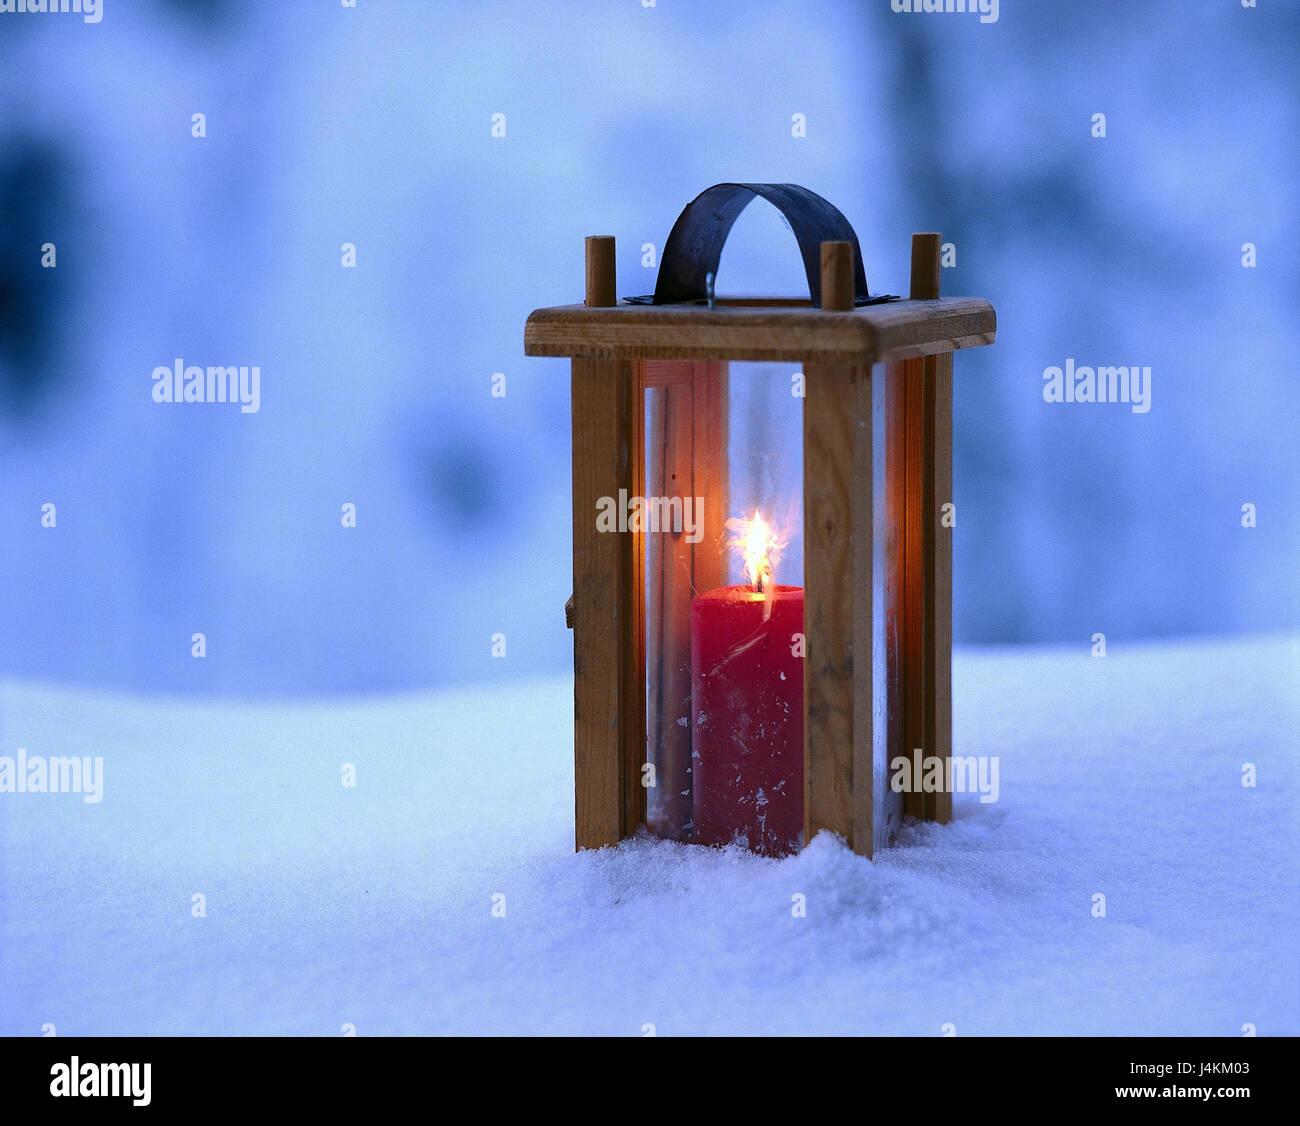 Schnee Laterne Dampfer Explosion Lampe Windlicht Flamme